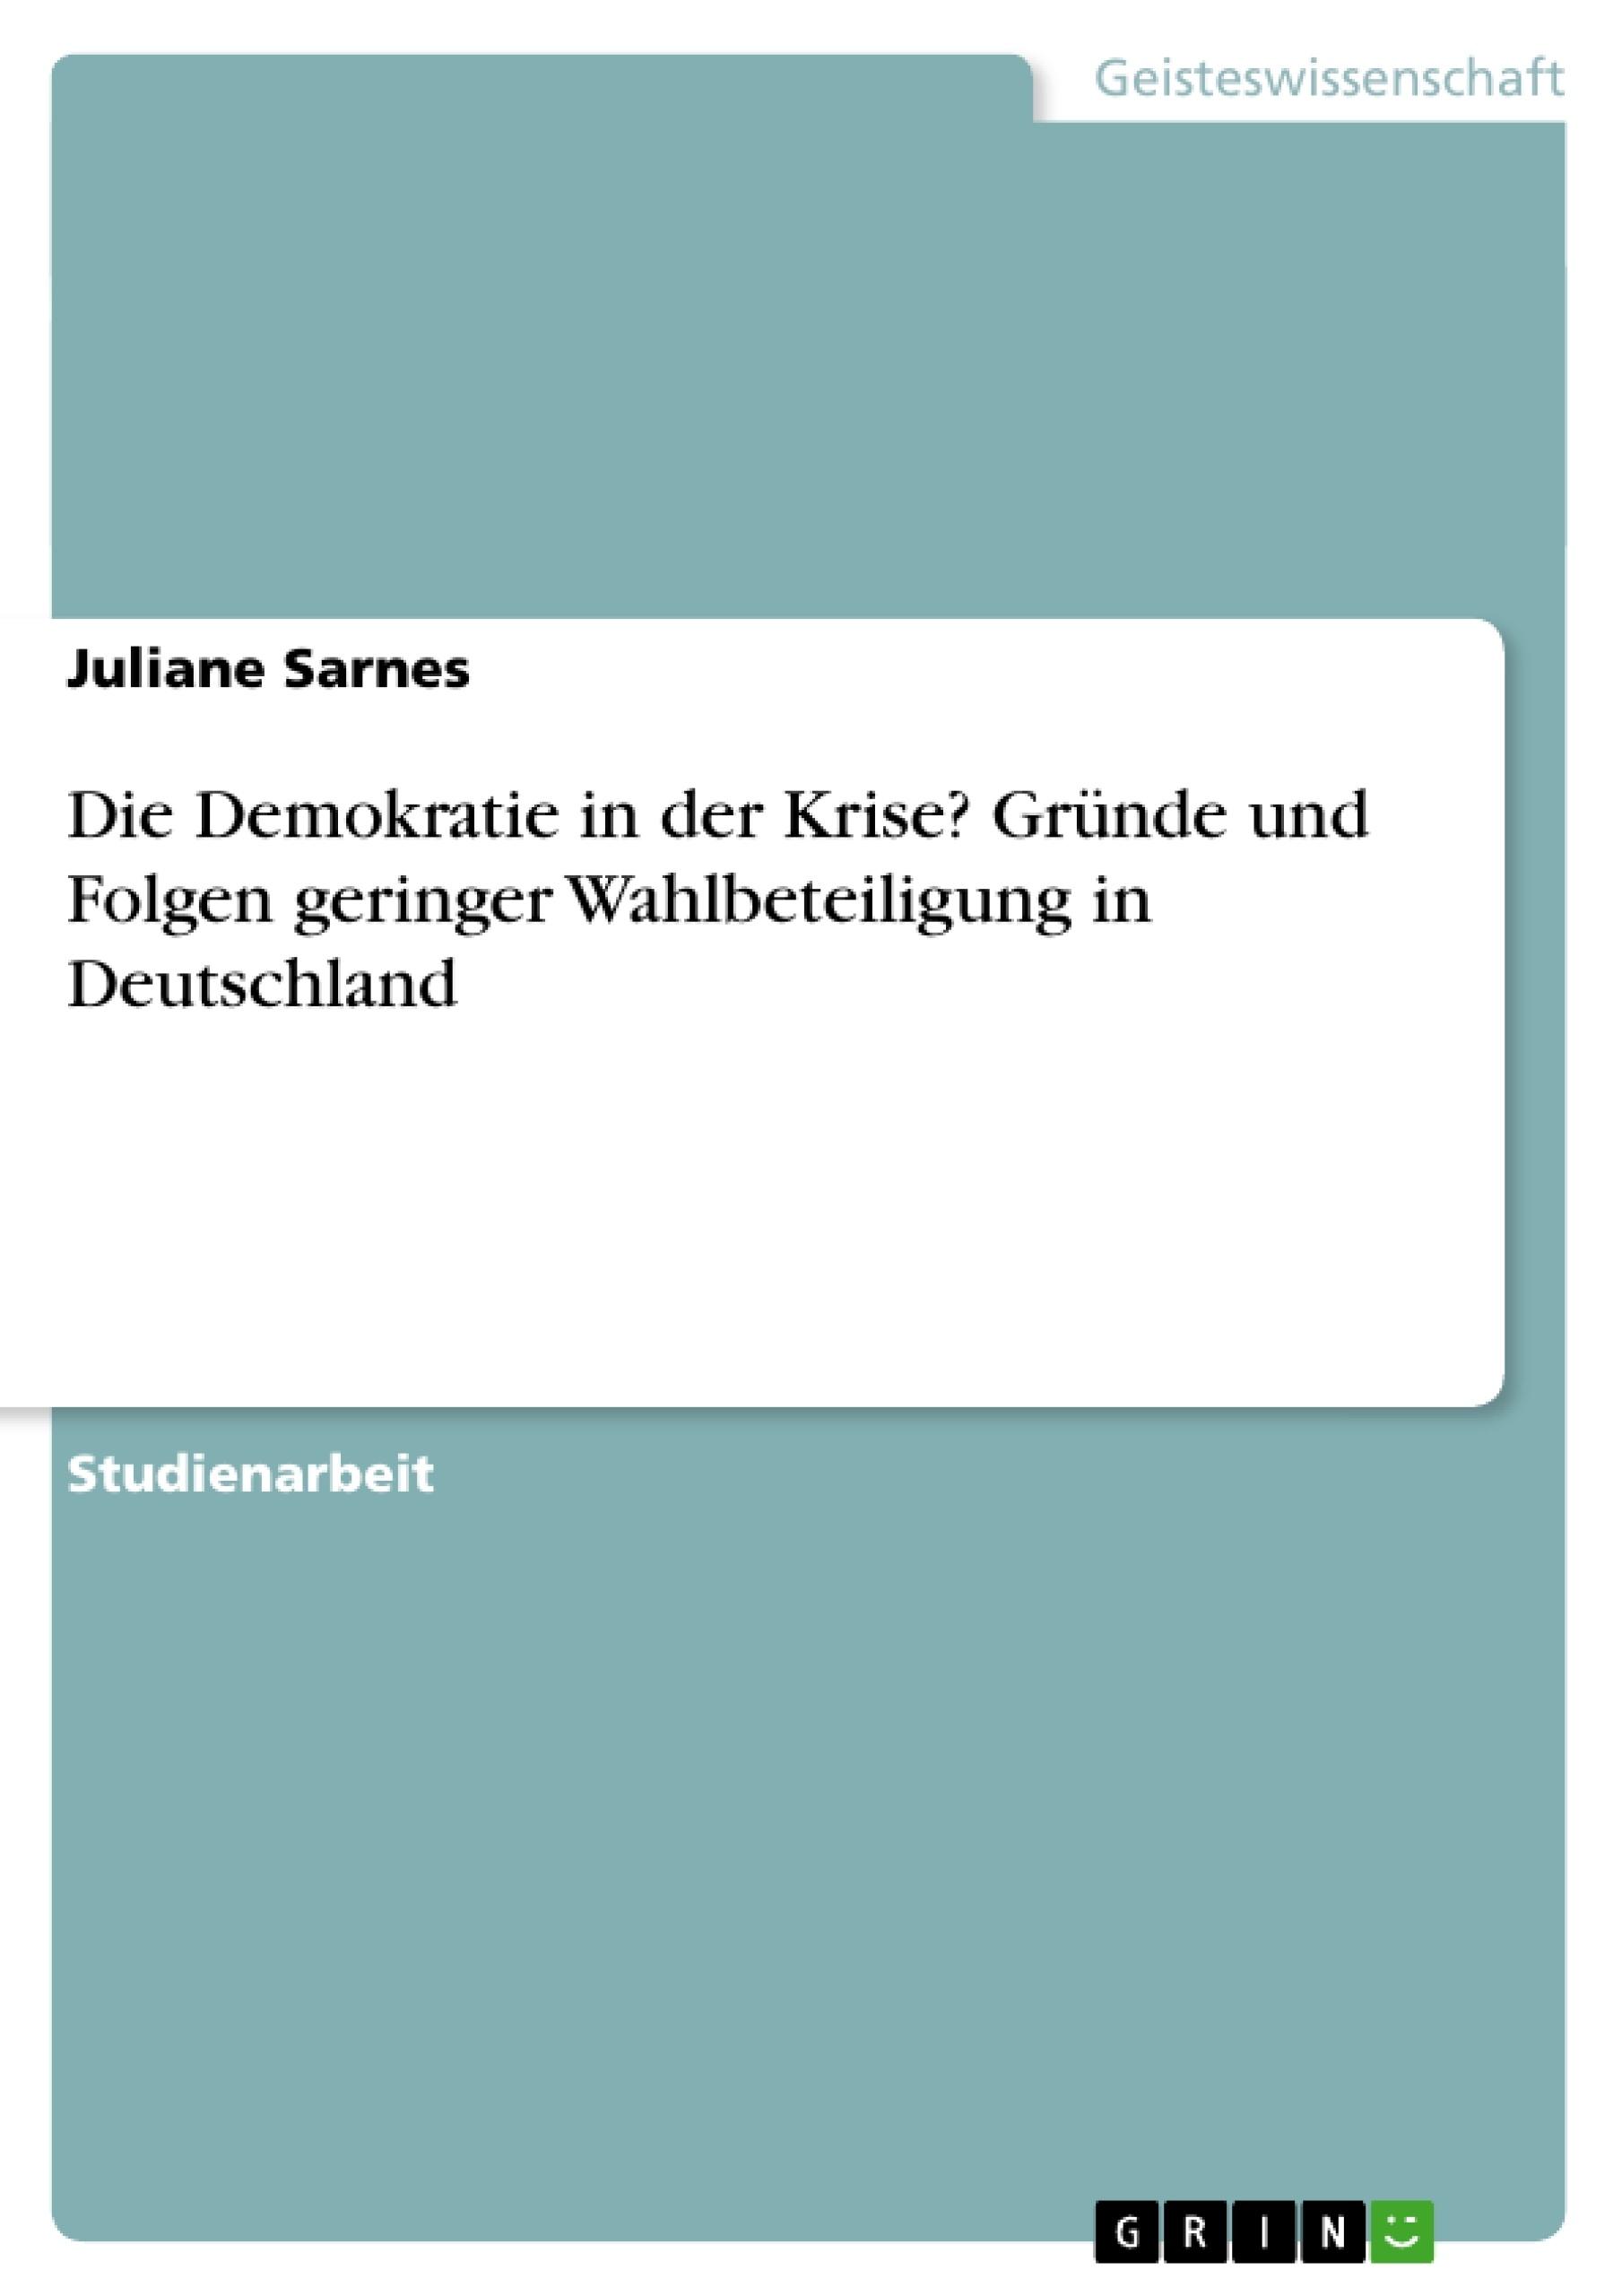 Titel: Die Demokratie in der Krise? Gründe und Folgen geringer Wahlbeteiligung in Deutschland